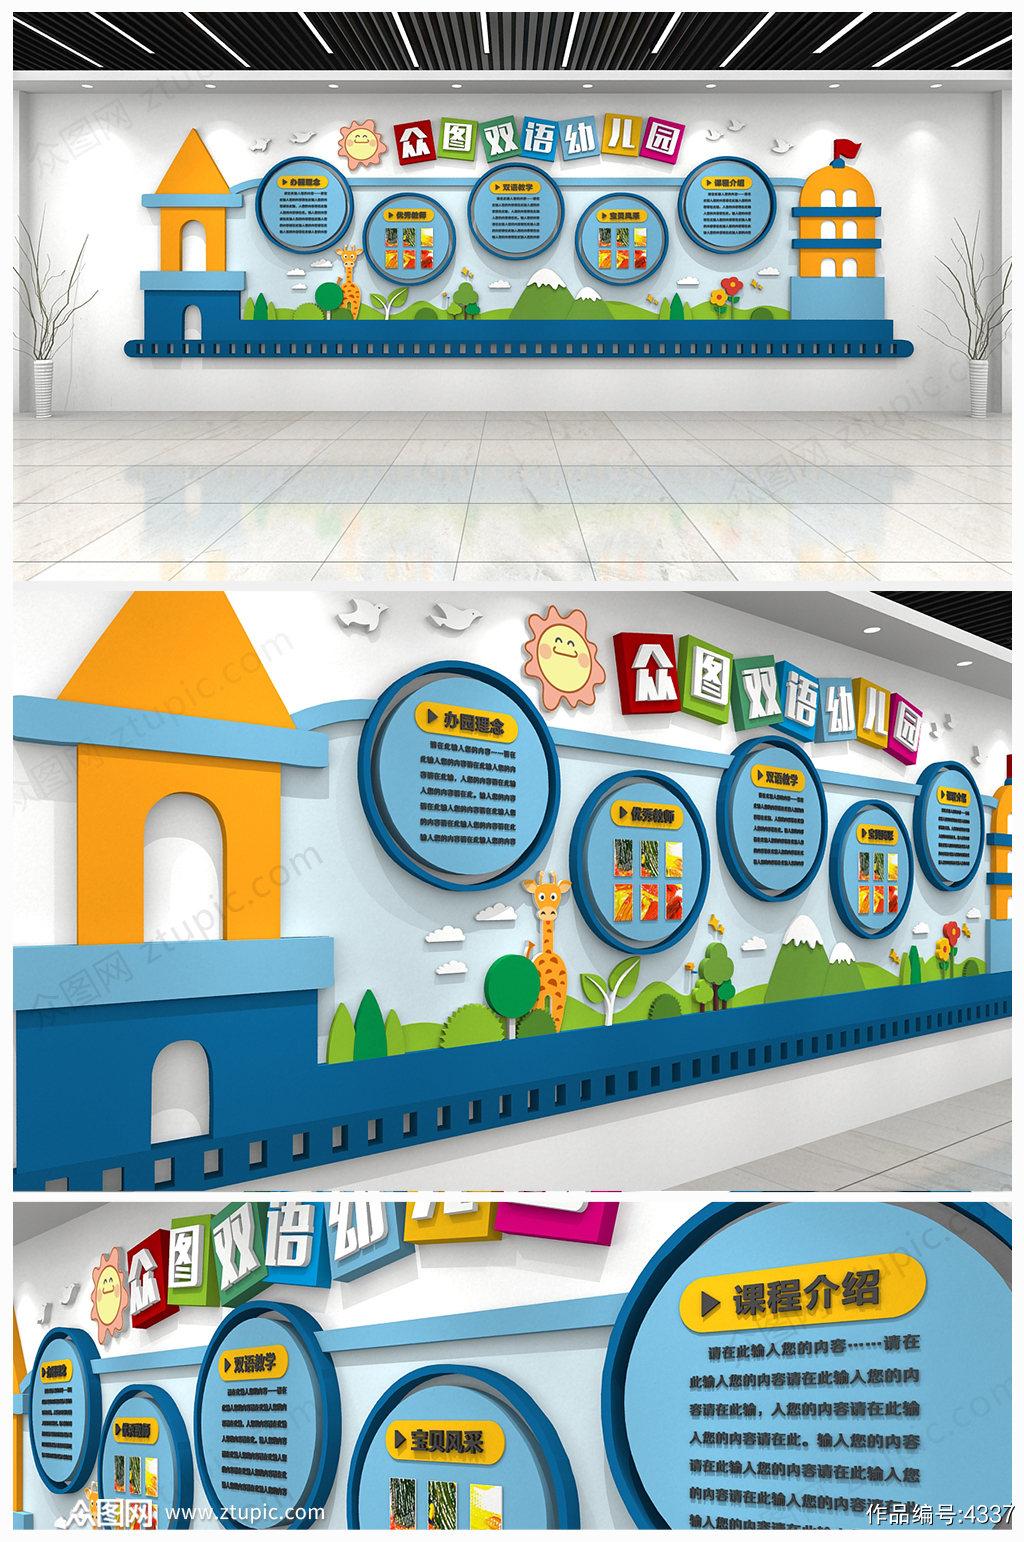 卡通双面校园文化墙幼儿园班级教室文化墙早教环创文化墙素材